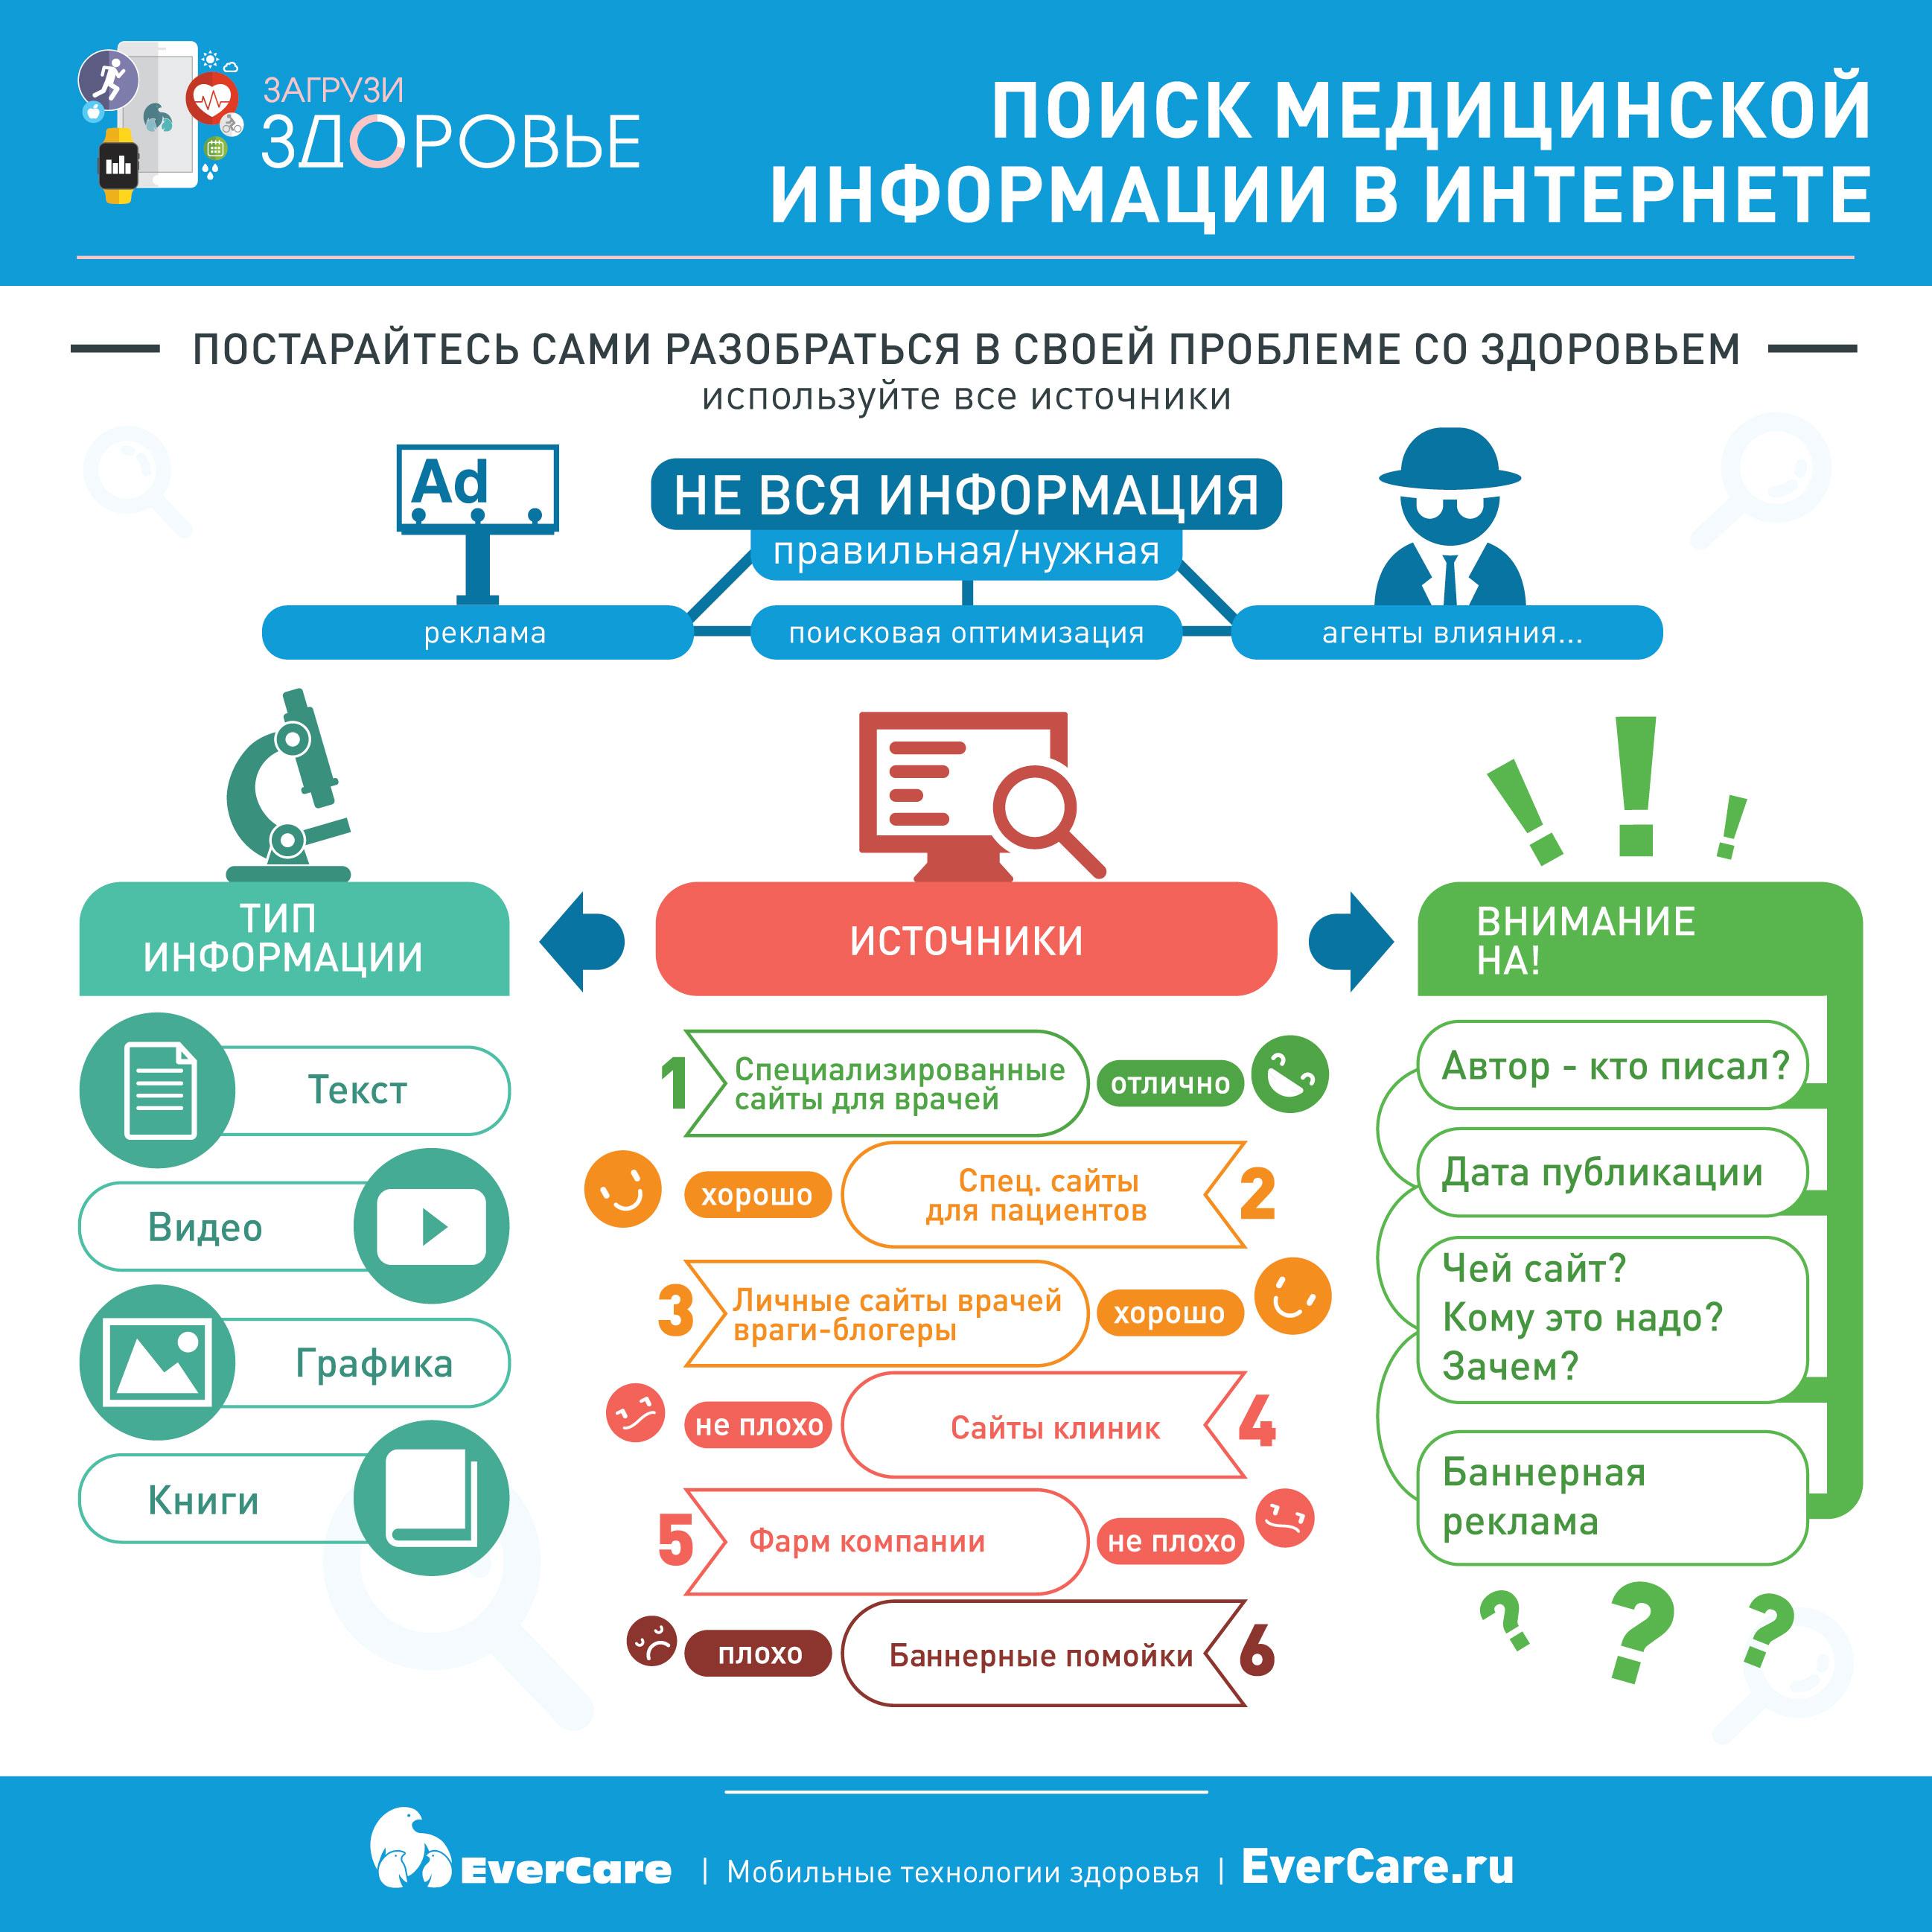 Поиск медицинской информации в Интернете, Инфографика